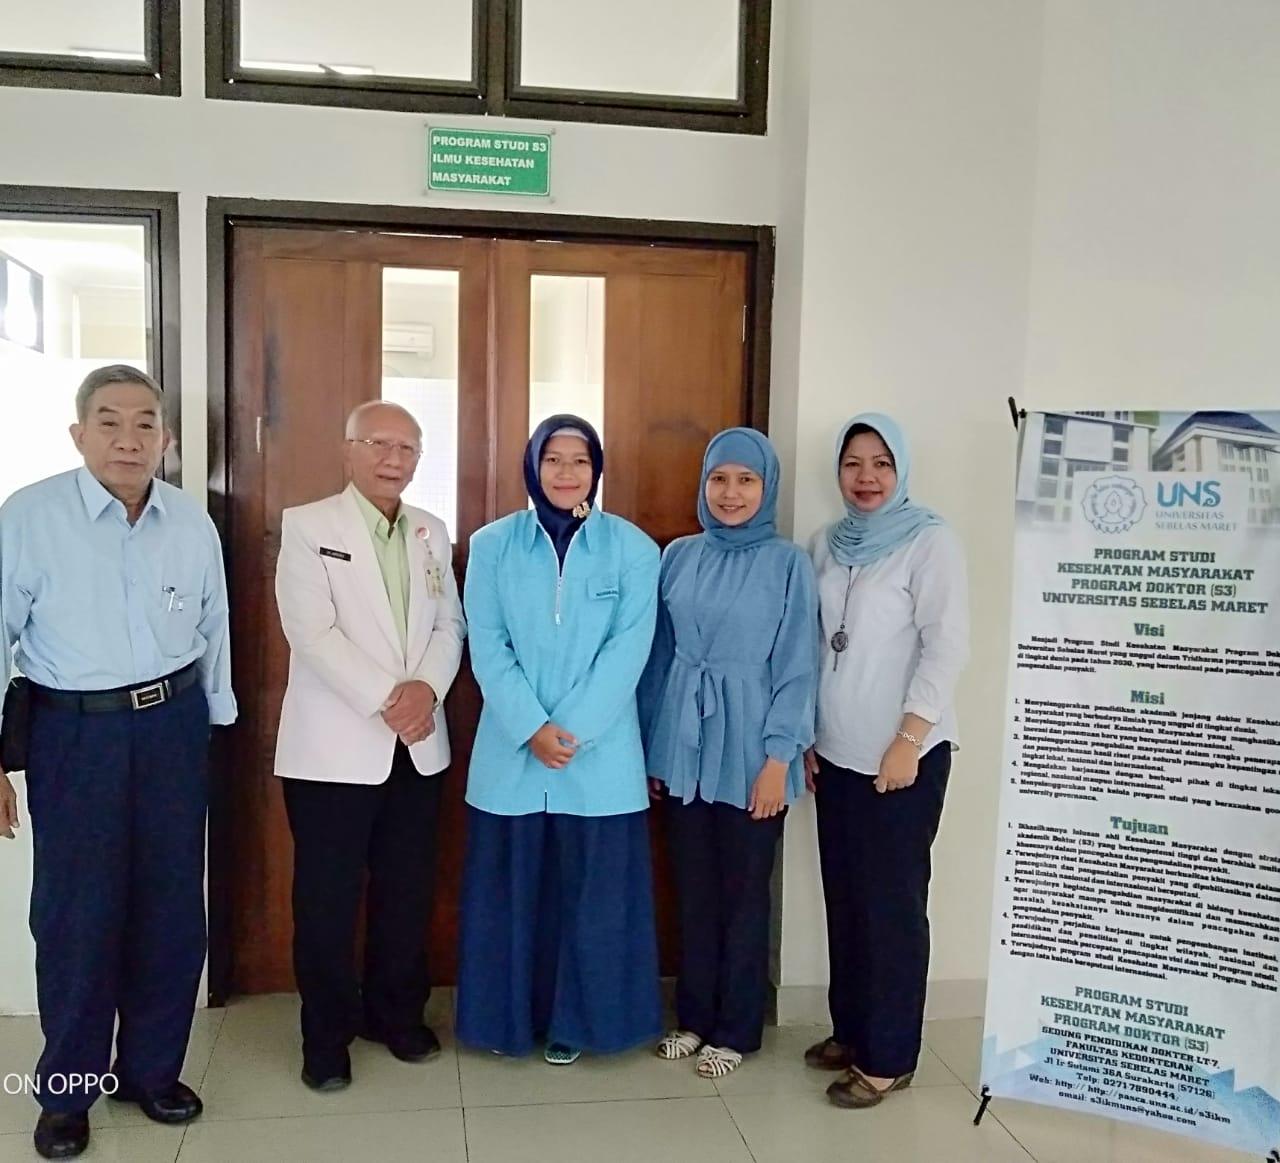 Ujian Kualifikasi Proposal Disertasi Mahasiswa S3 IKM UNS a.n Yessy Nur Endah Sary